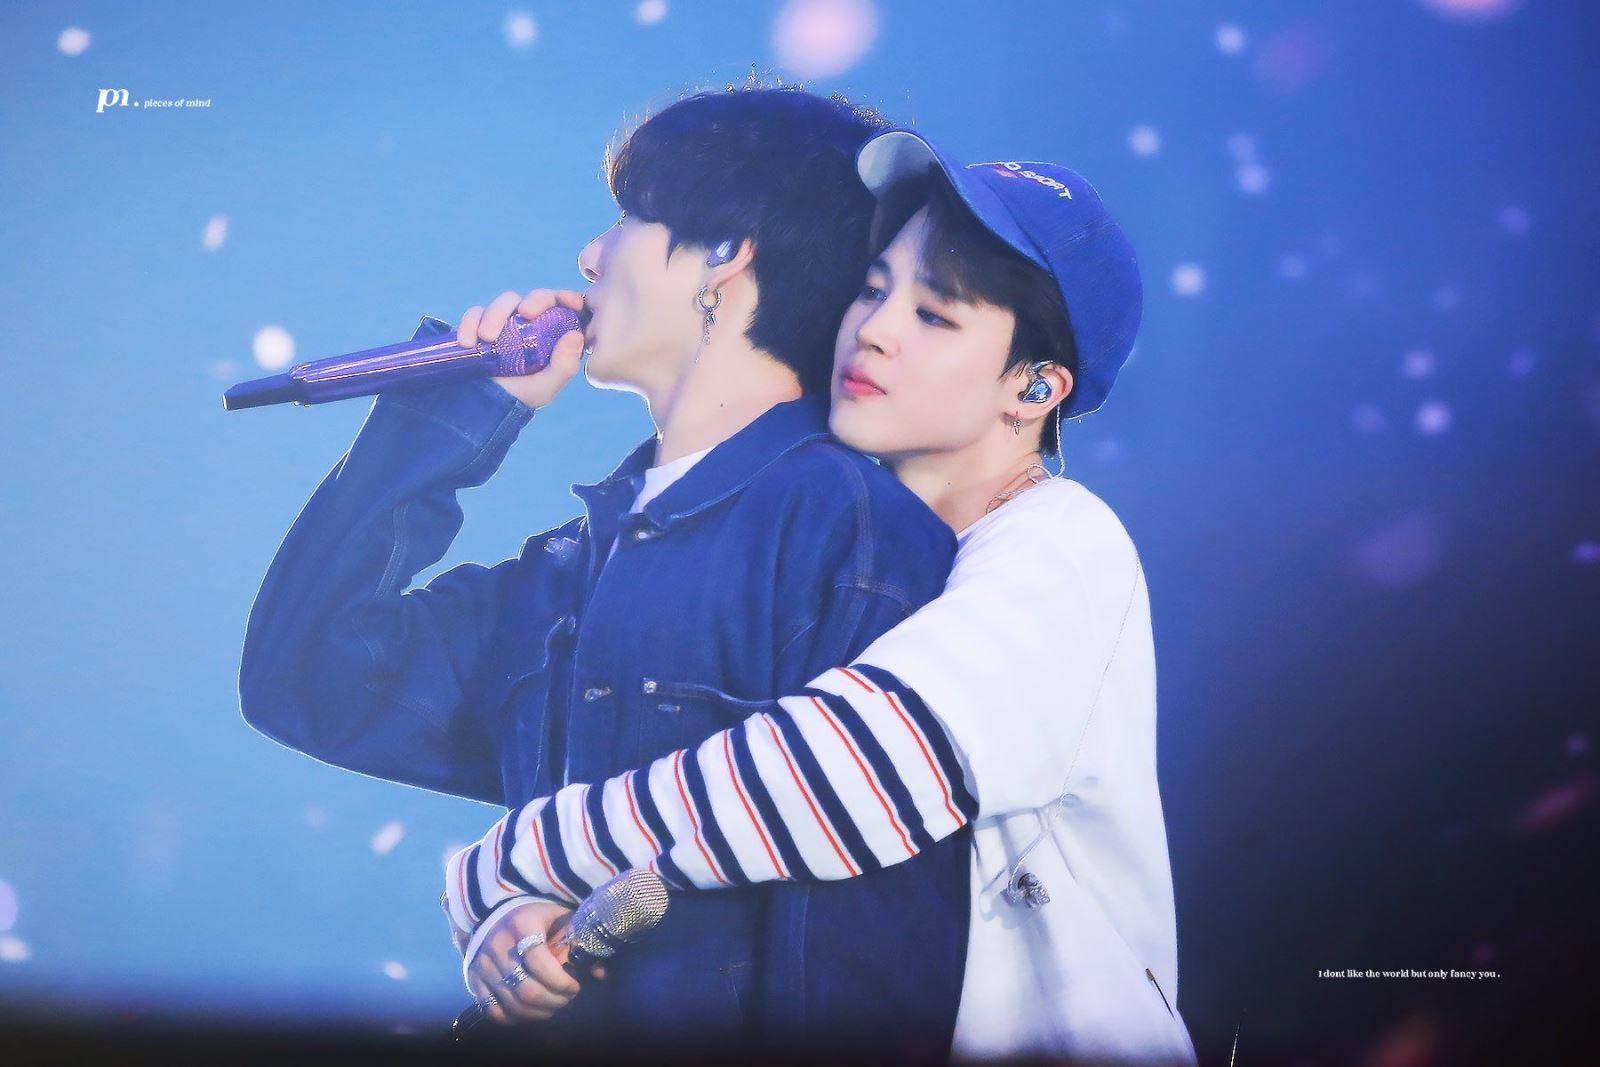 BTS, Tan chảy với những cái ôm từ đằng của Jungkook Jimin BTS, Bts, BTS ôm nhau